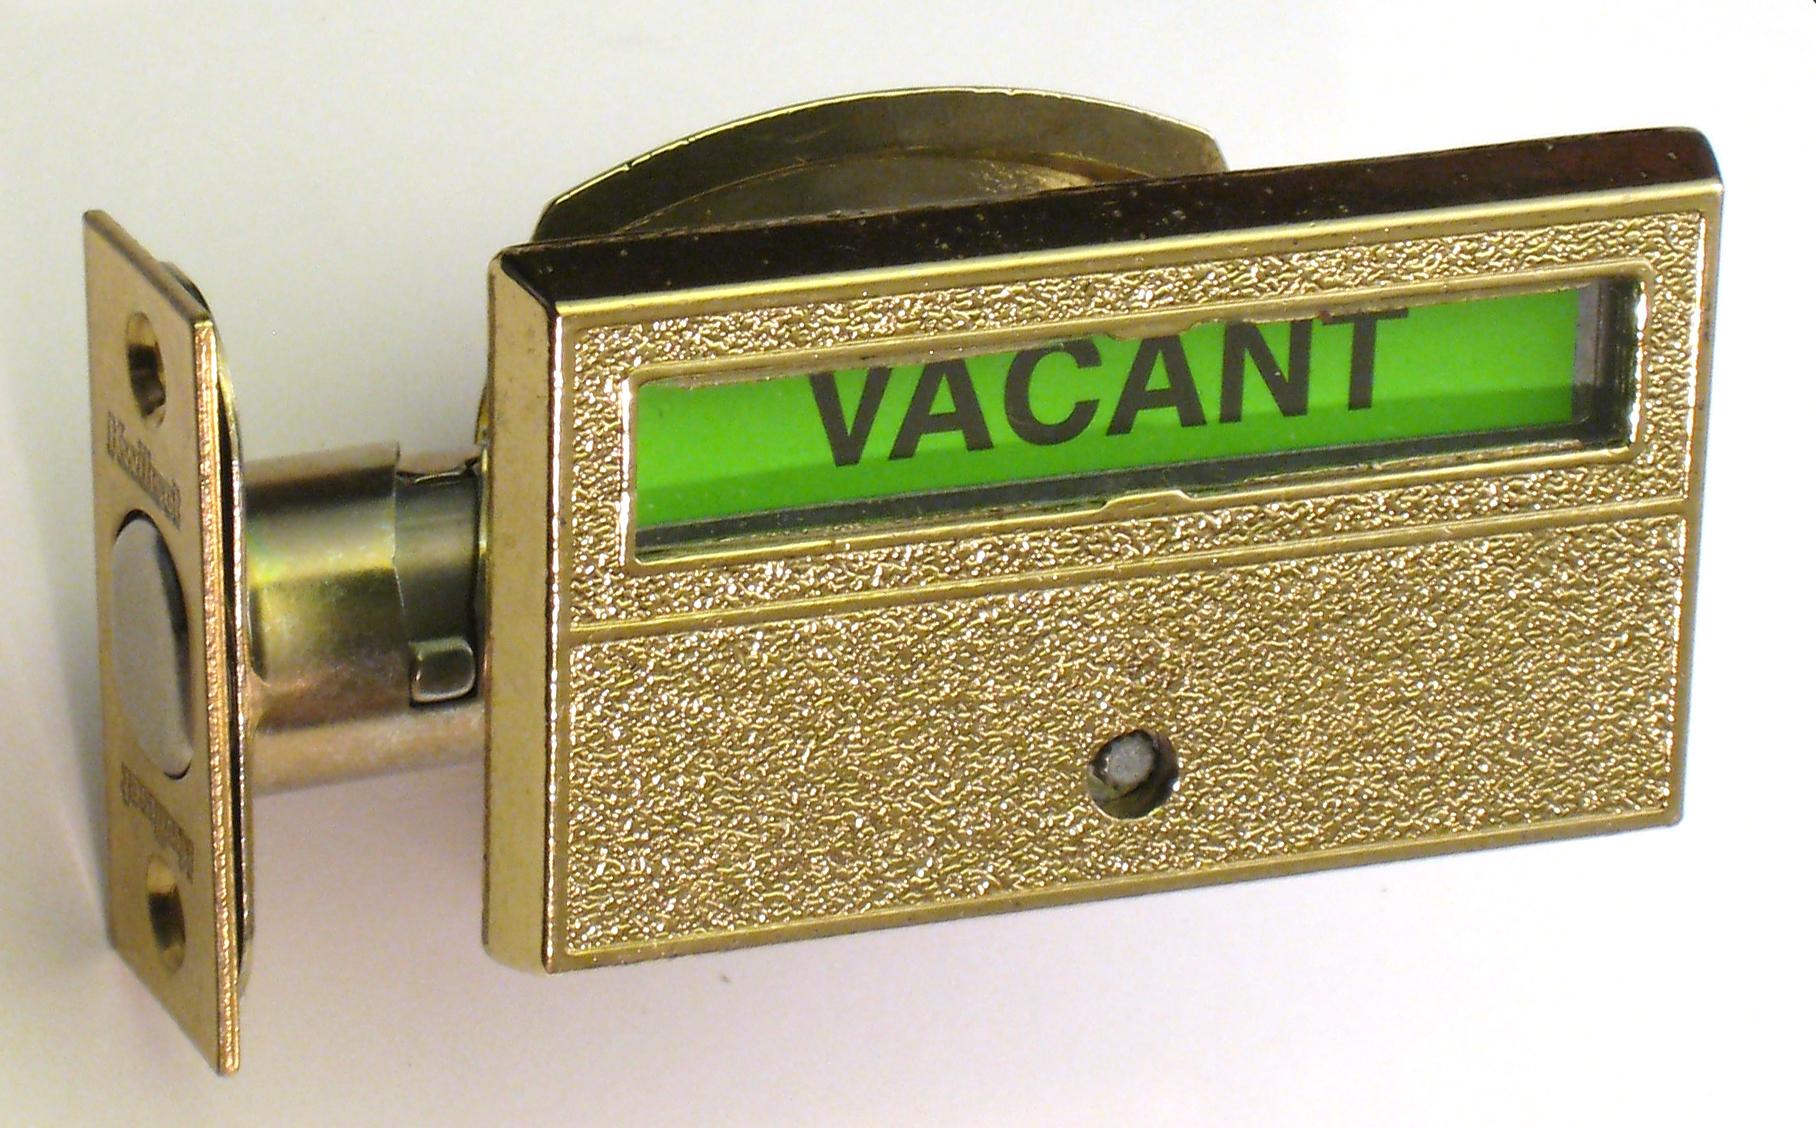 Indicator Lock, Restroom Privacy Lock, Occupied Deadbolt